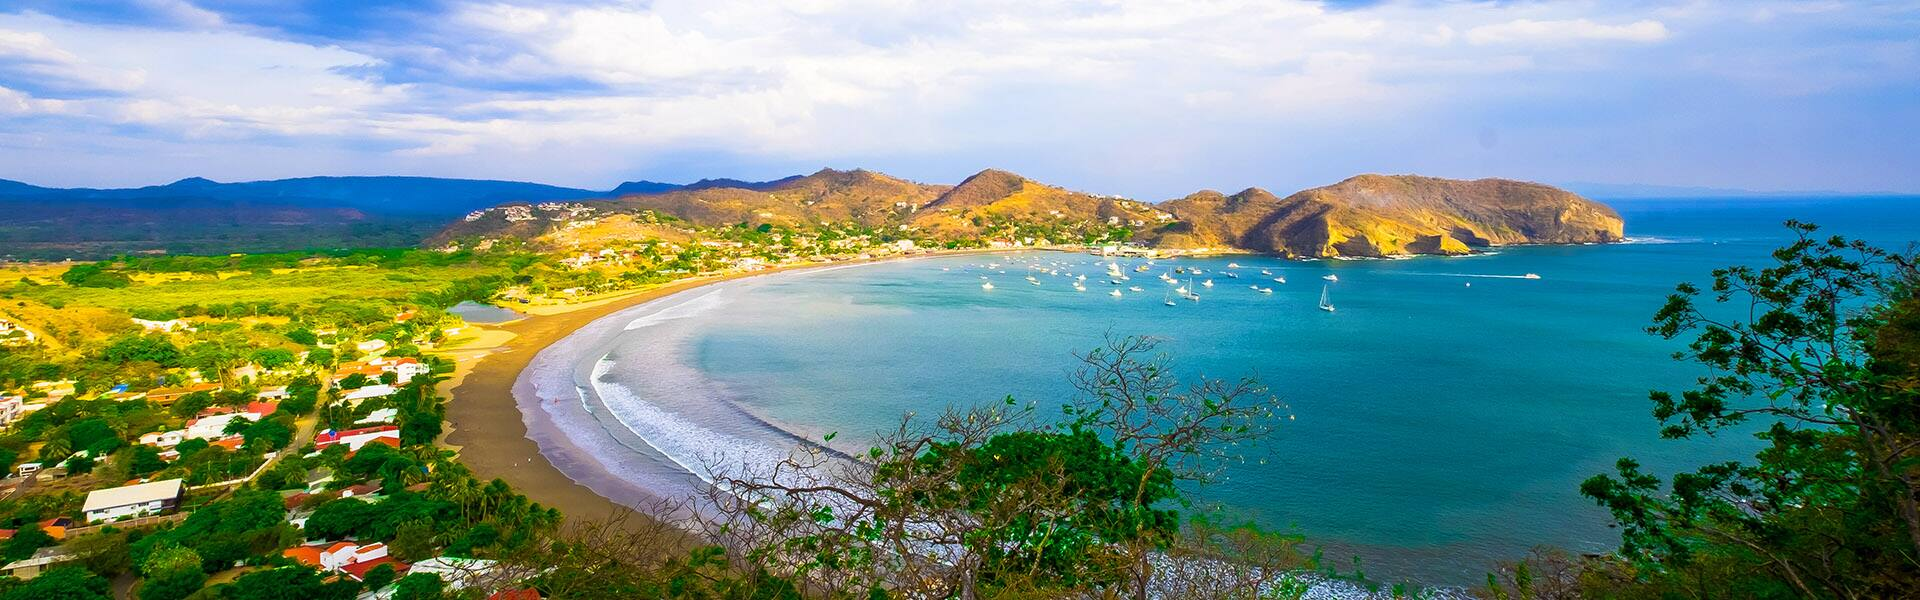 Panamakanal: Cabo und Puerto Vallarta